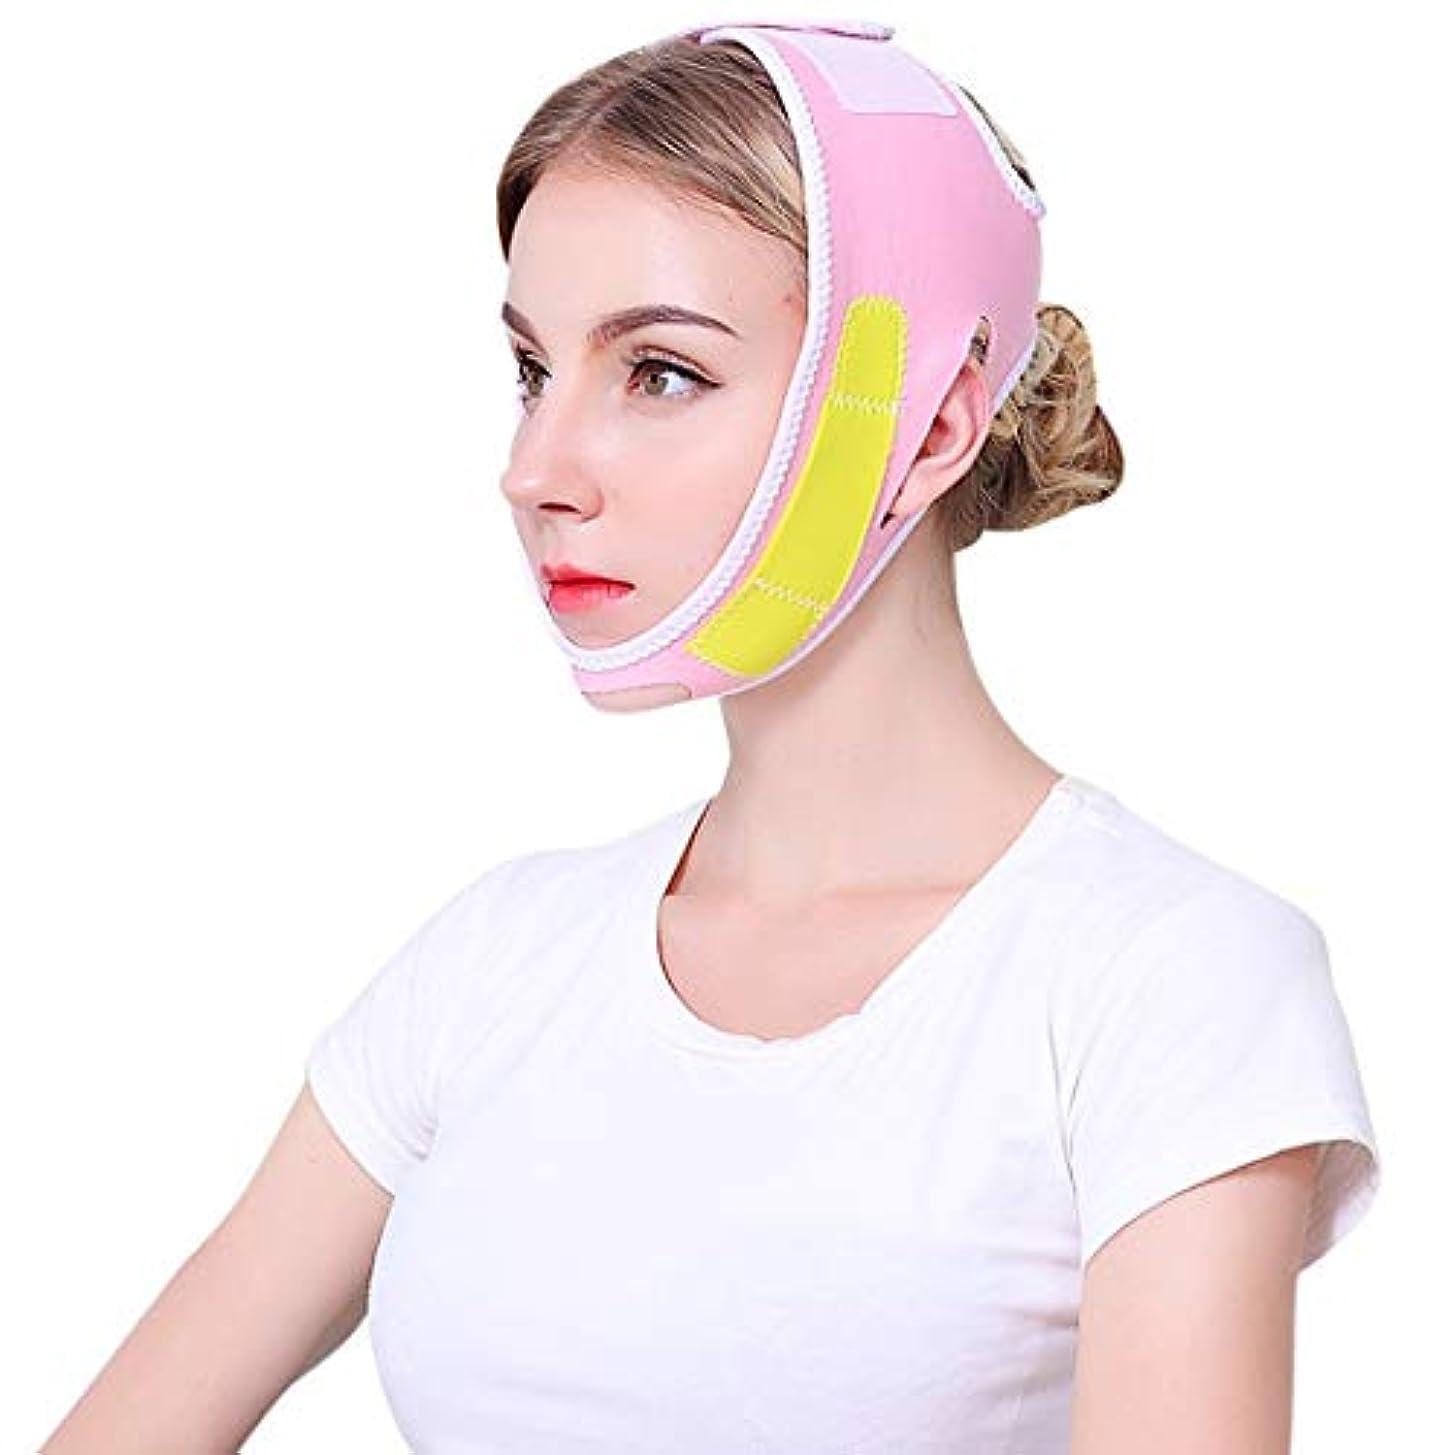 案件旅外部ZWBD フェイスマスク, 薄い顔の包帯睡眠小さいv顔アーティファクトプル型二重あご線術後矯正薄い顔ステッカー